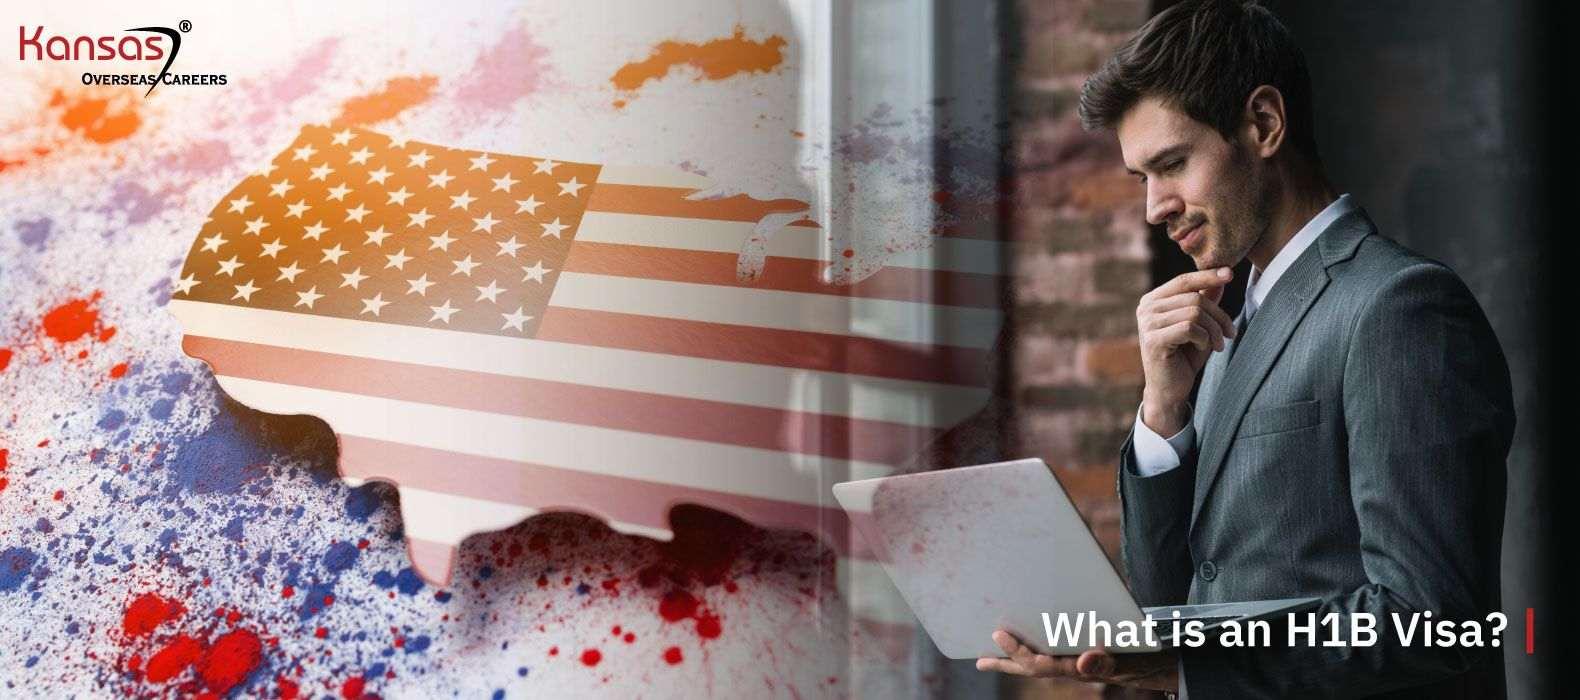 What-is-an-h1b-Visa-